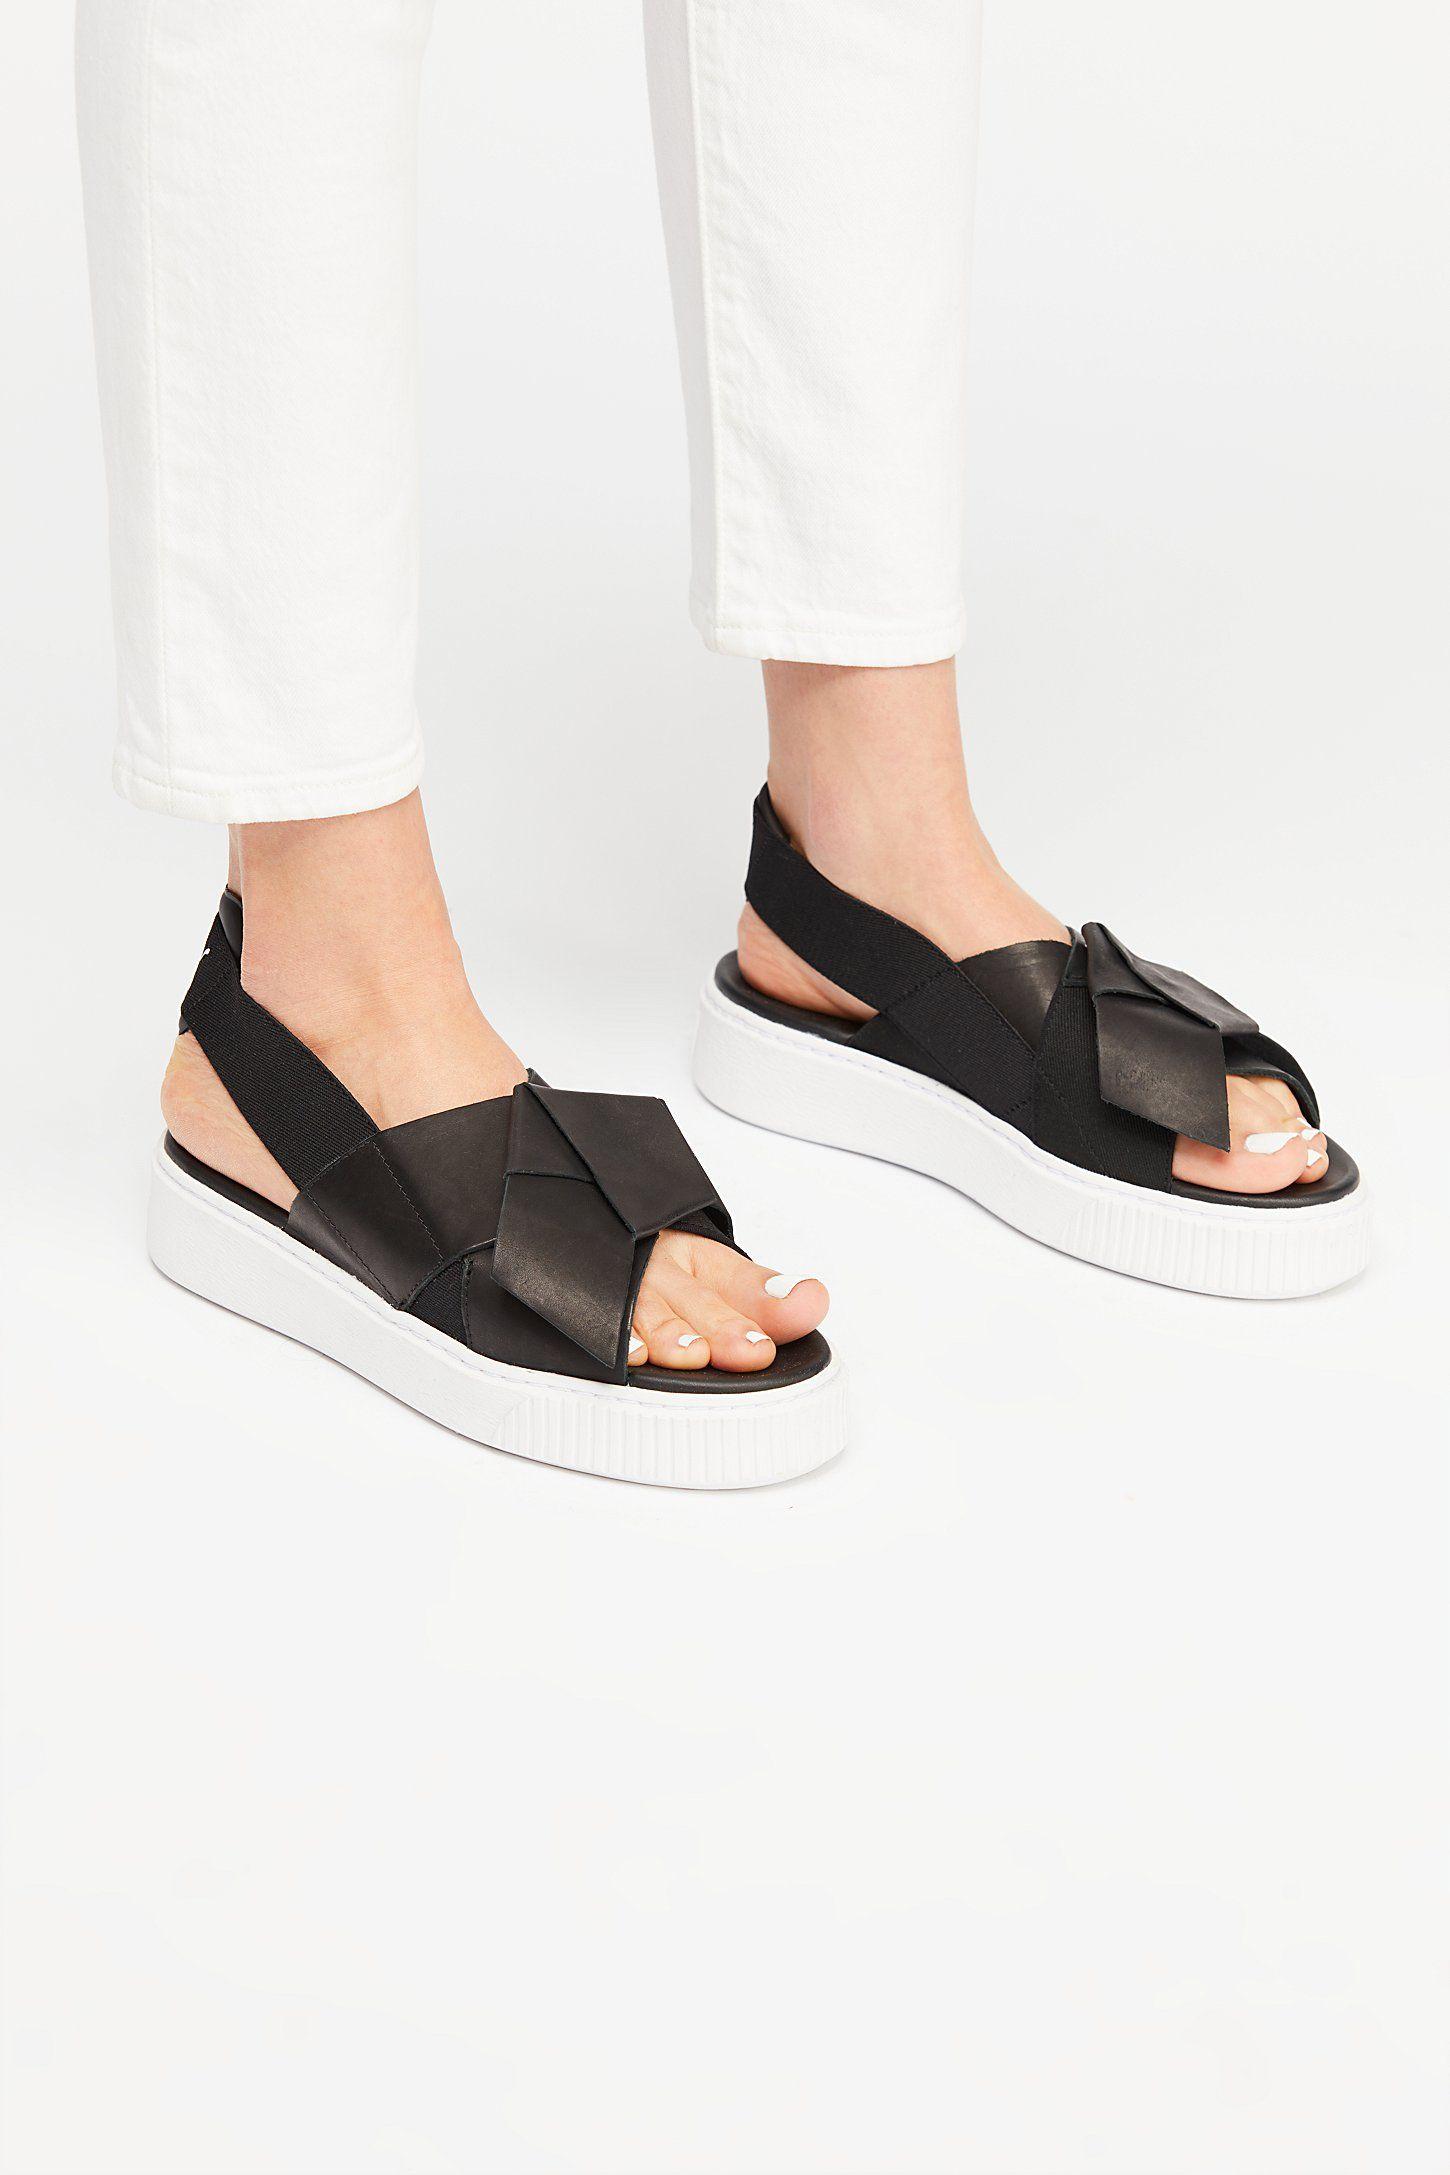 Puma Platform Sandals | Platform